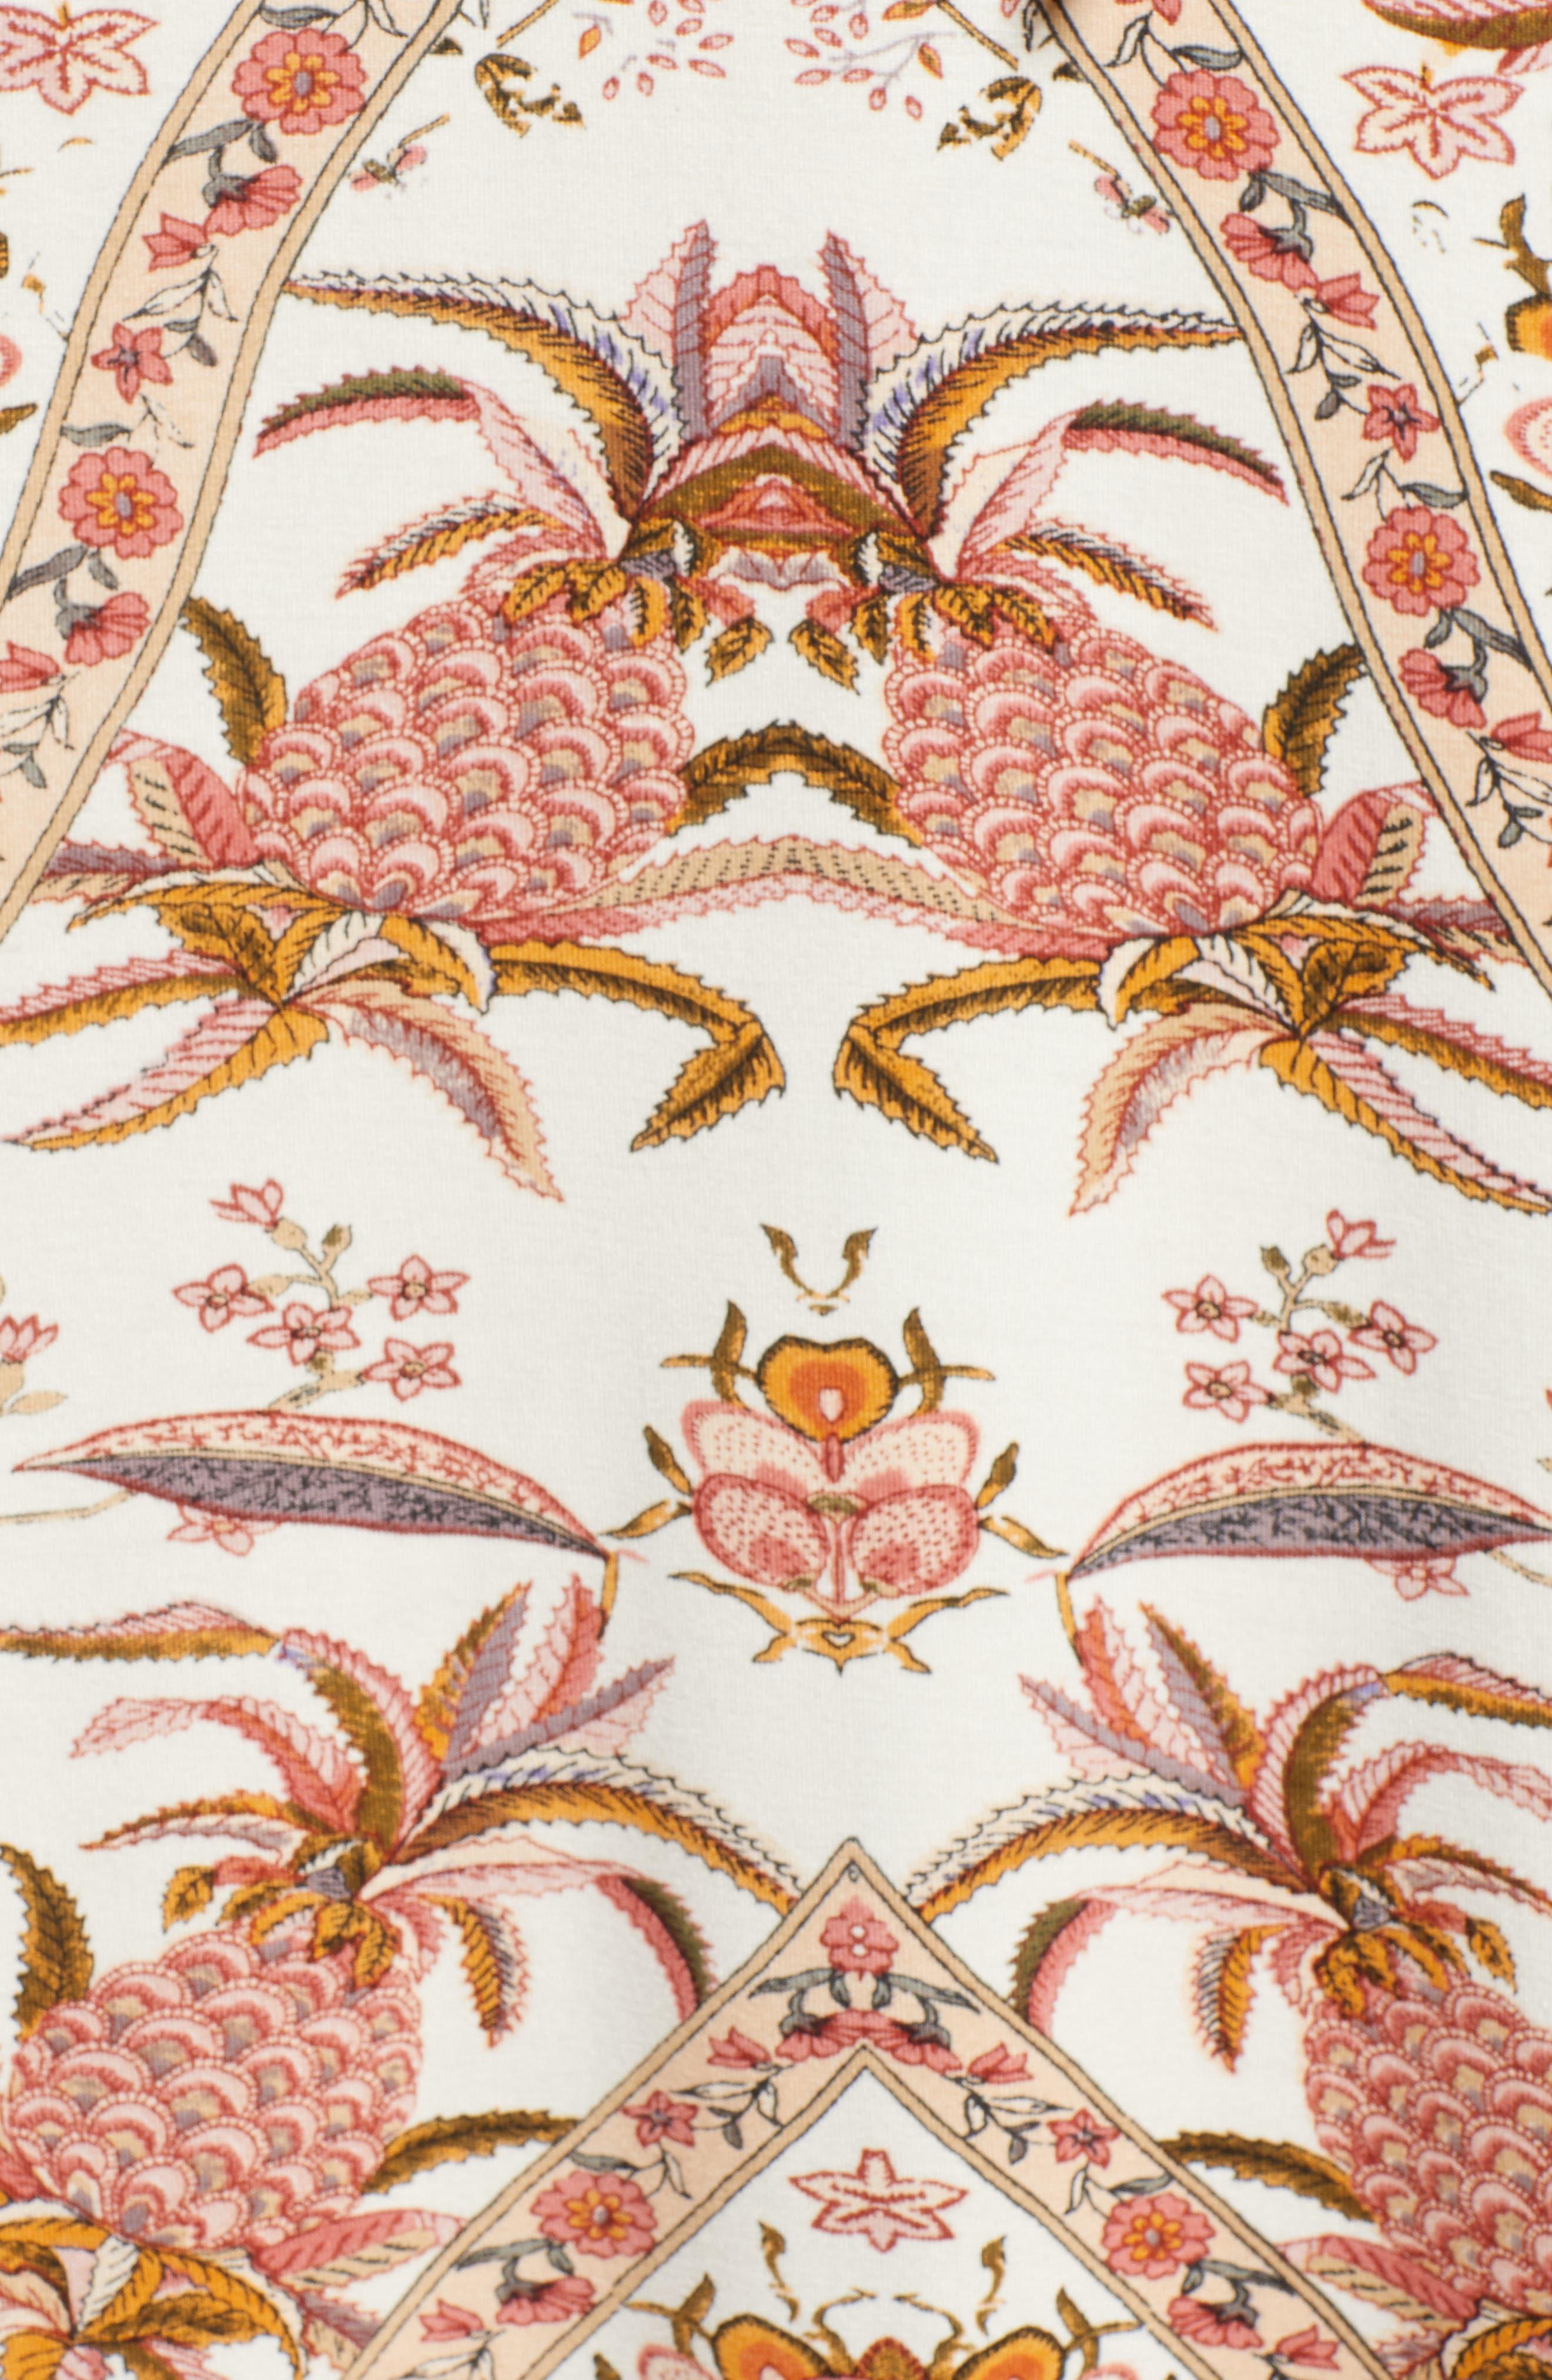 V-Neck Print Maxi Dress,                             Alternate thumbnail 6, color,                             Pink Multi